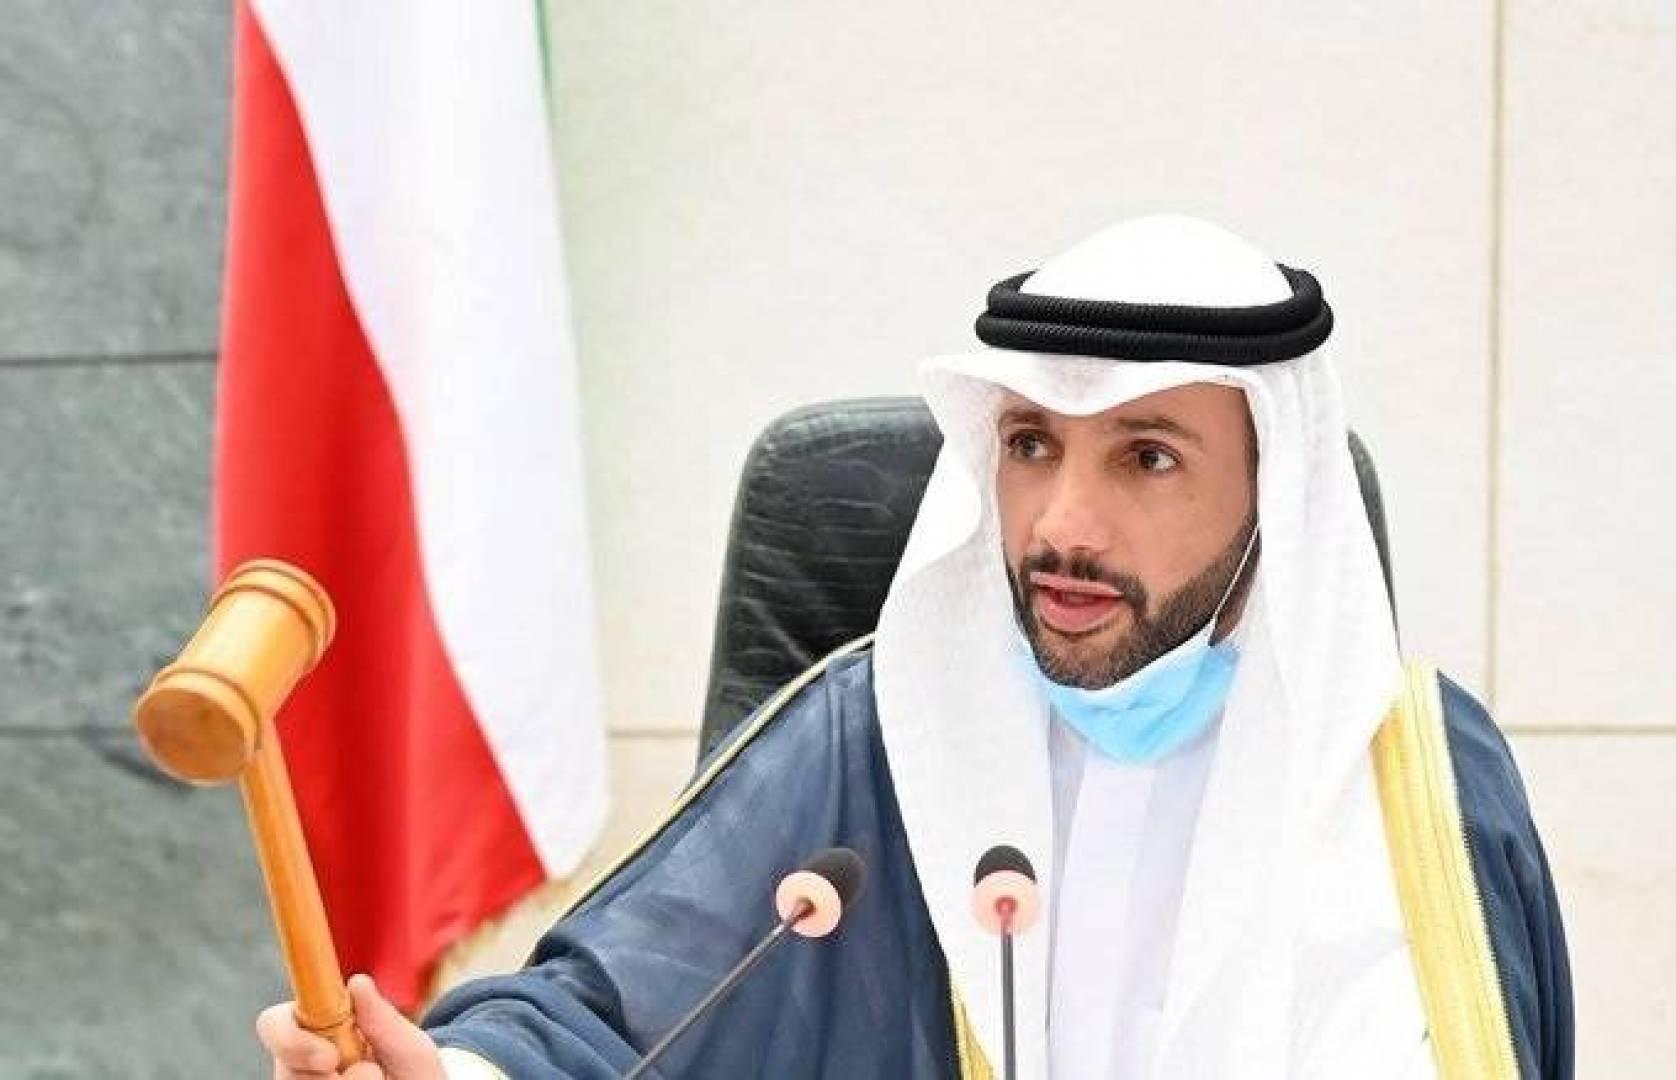 رئيس الوزراء يصل إلى قاعة عبدالله السالم.. والرئيس الغانم يستأنف الجلسة